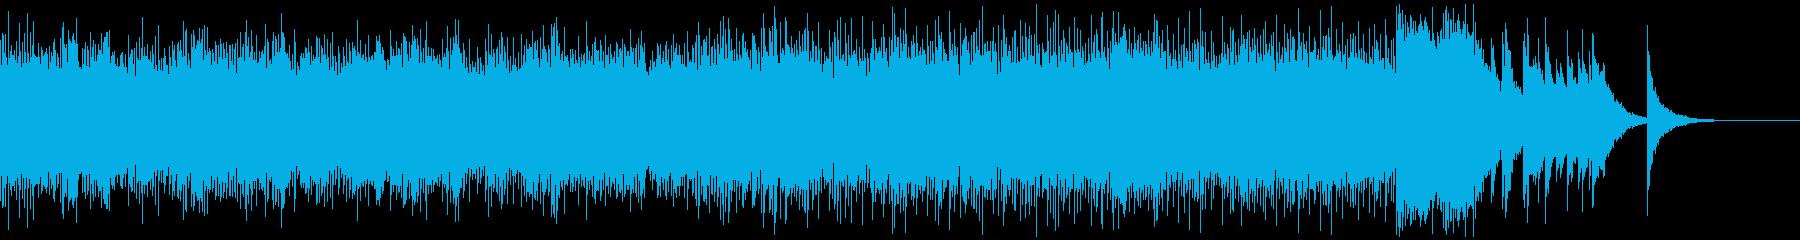 インスト/コロコロと遊び回る様子の再生済みの波形